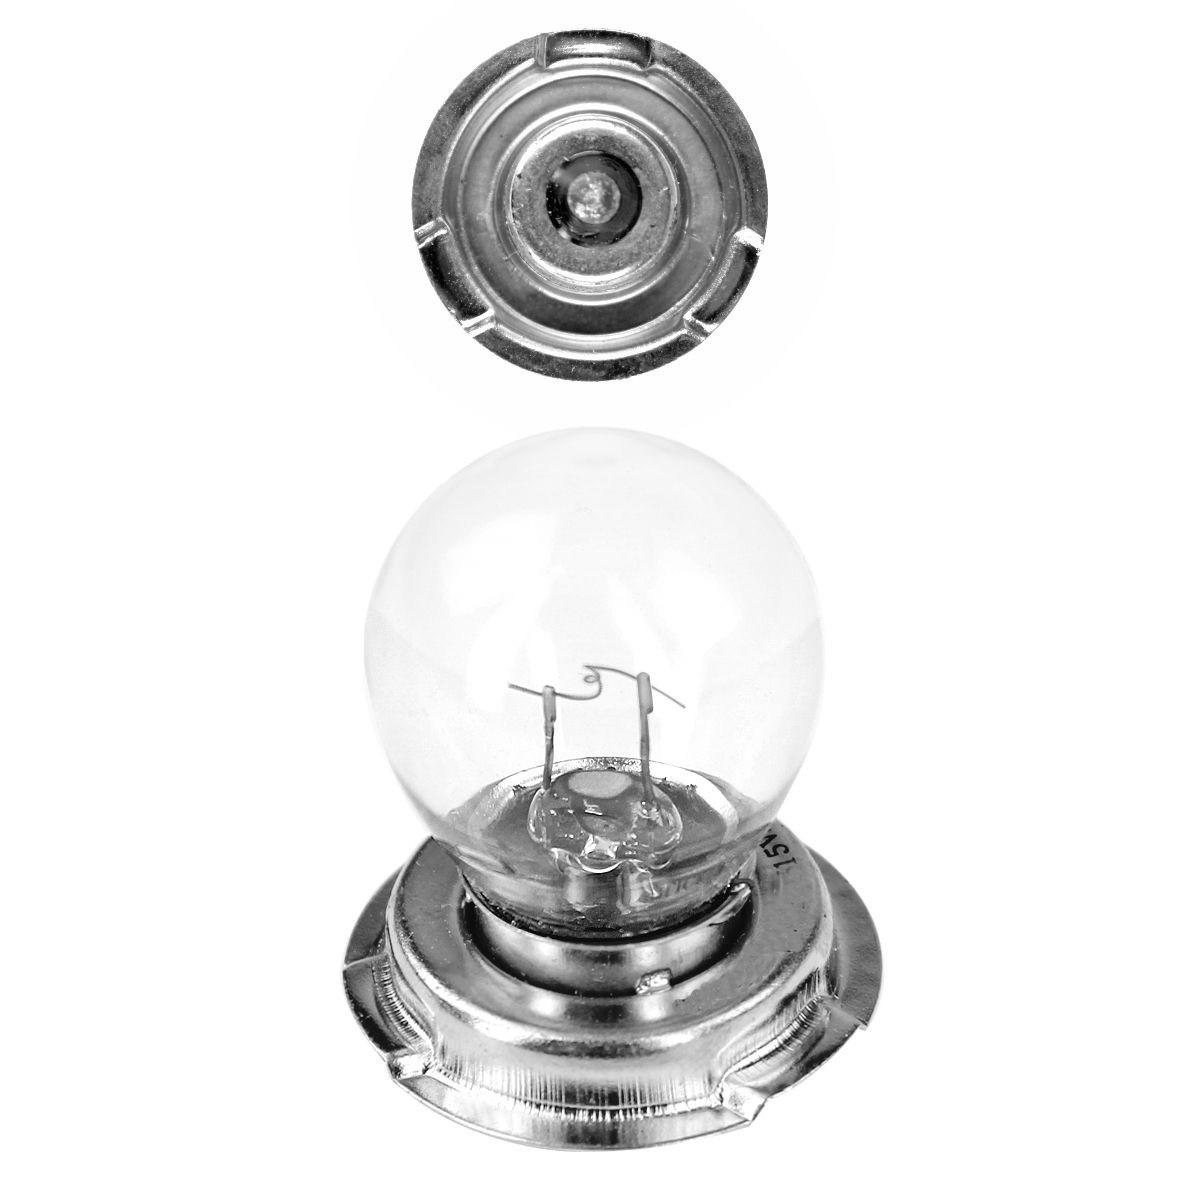 Ampoule 12V 25W P26S à Collerette - FLOSSER Blanc